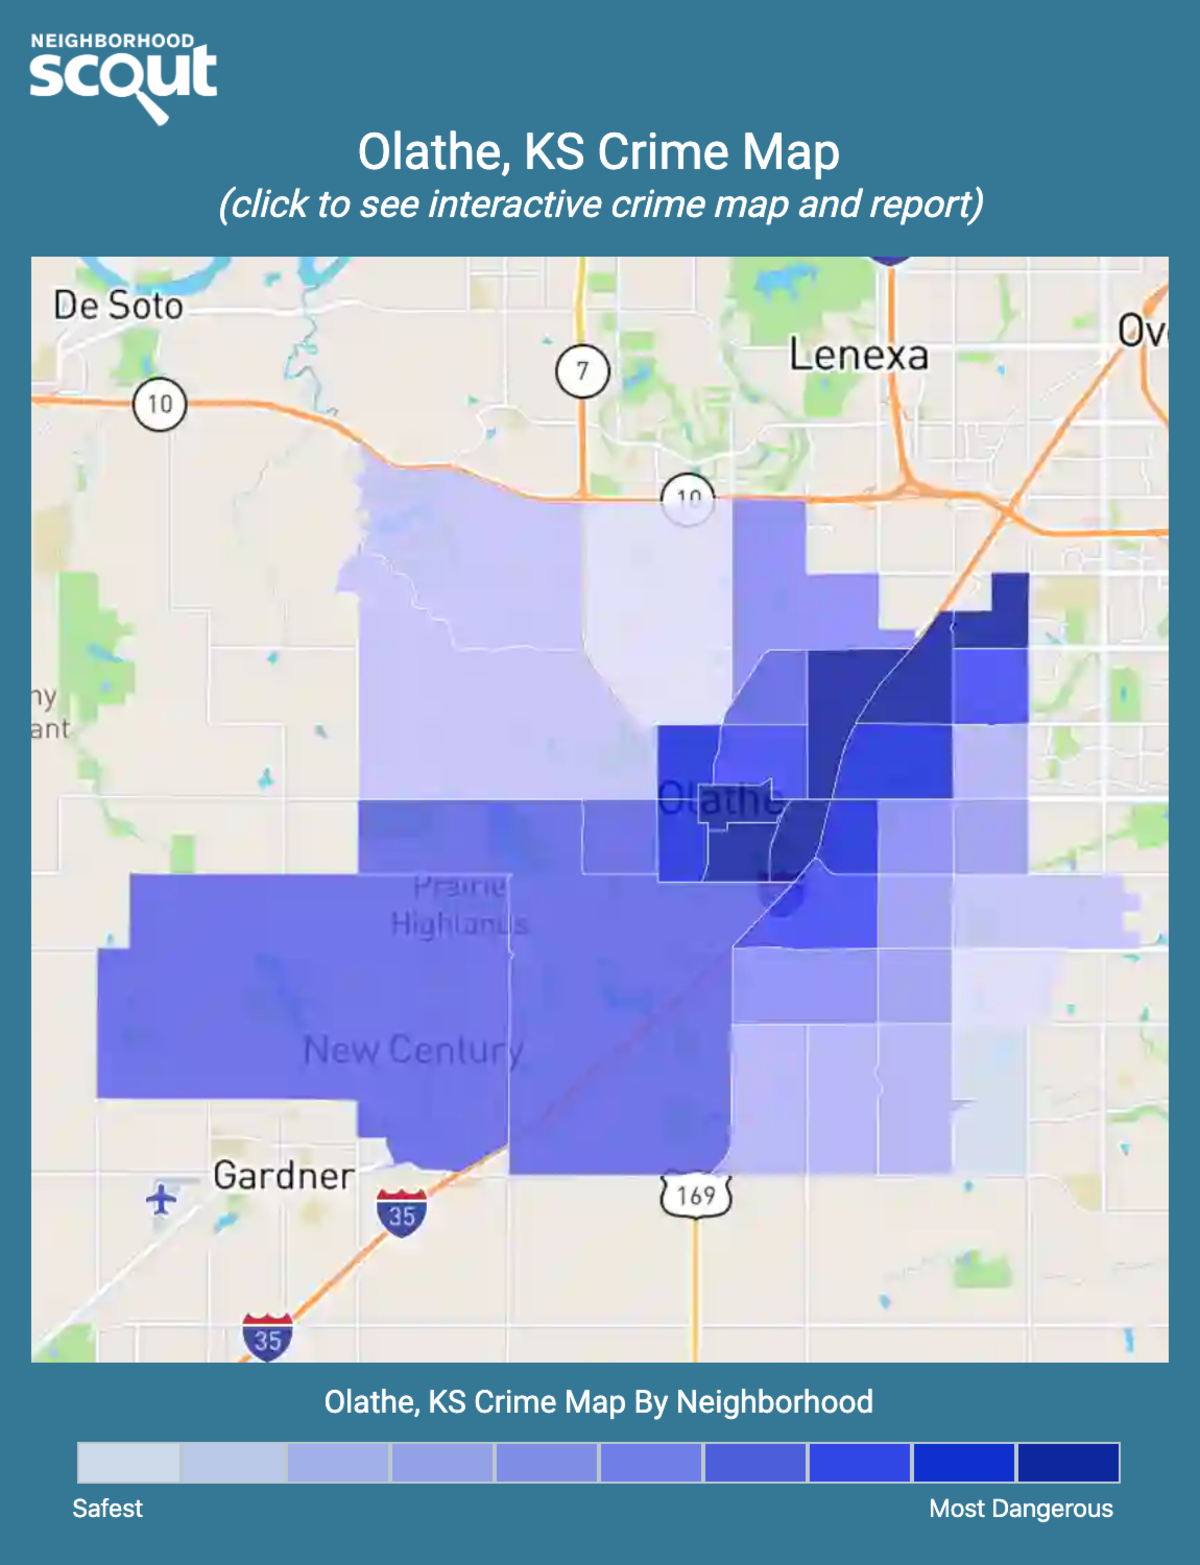 Olathe, Kansas crime map